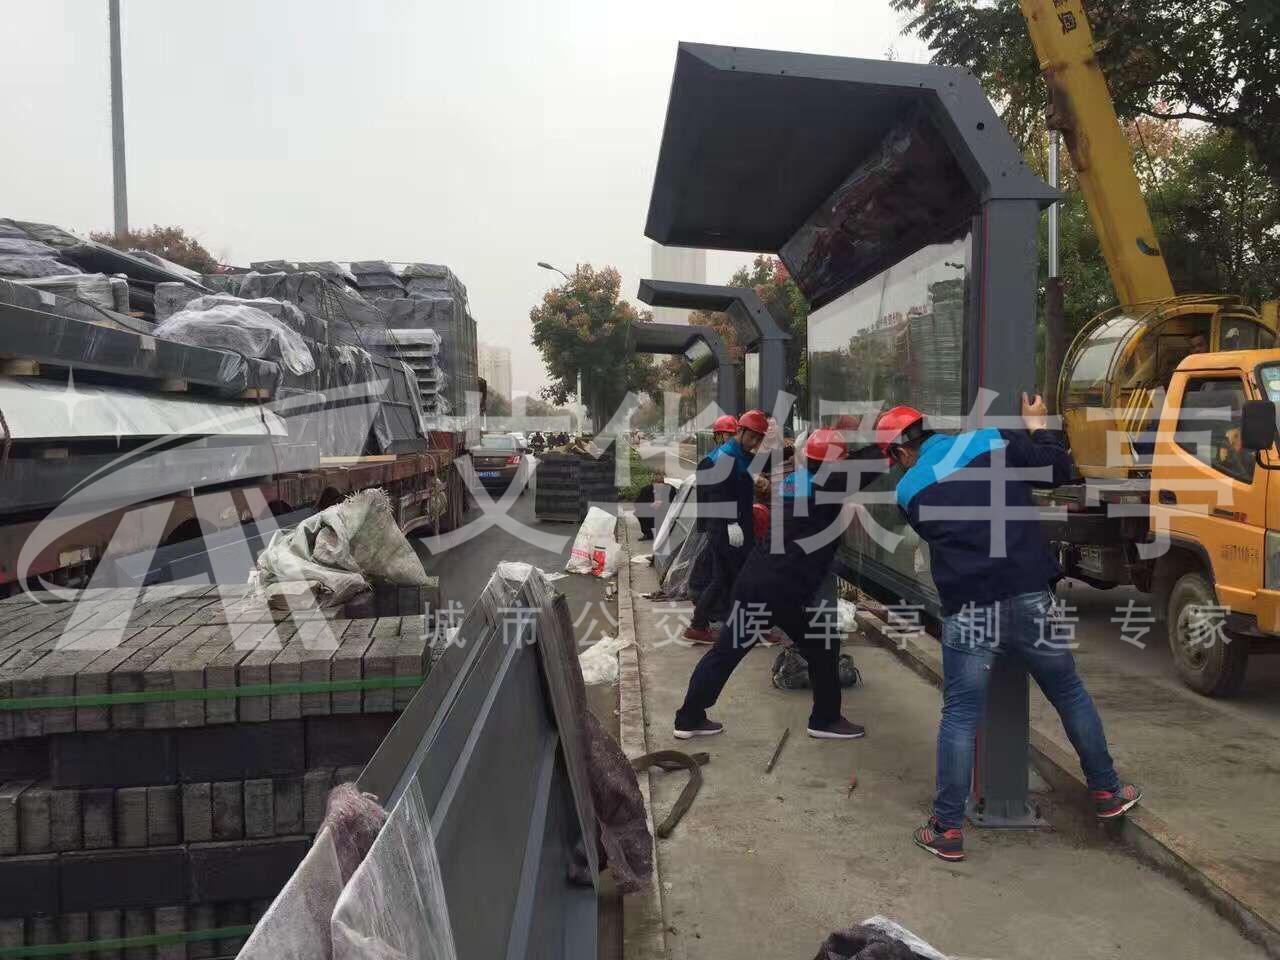 宿迁艾华中标泗洪城市公交候车亭建设工程(图3)